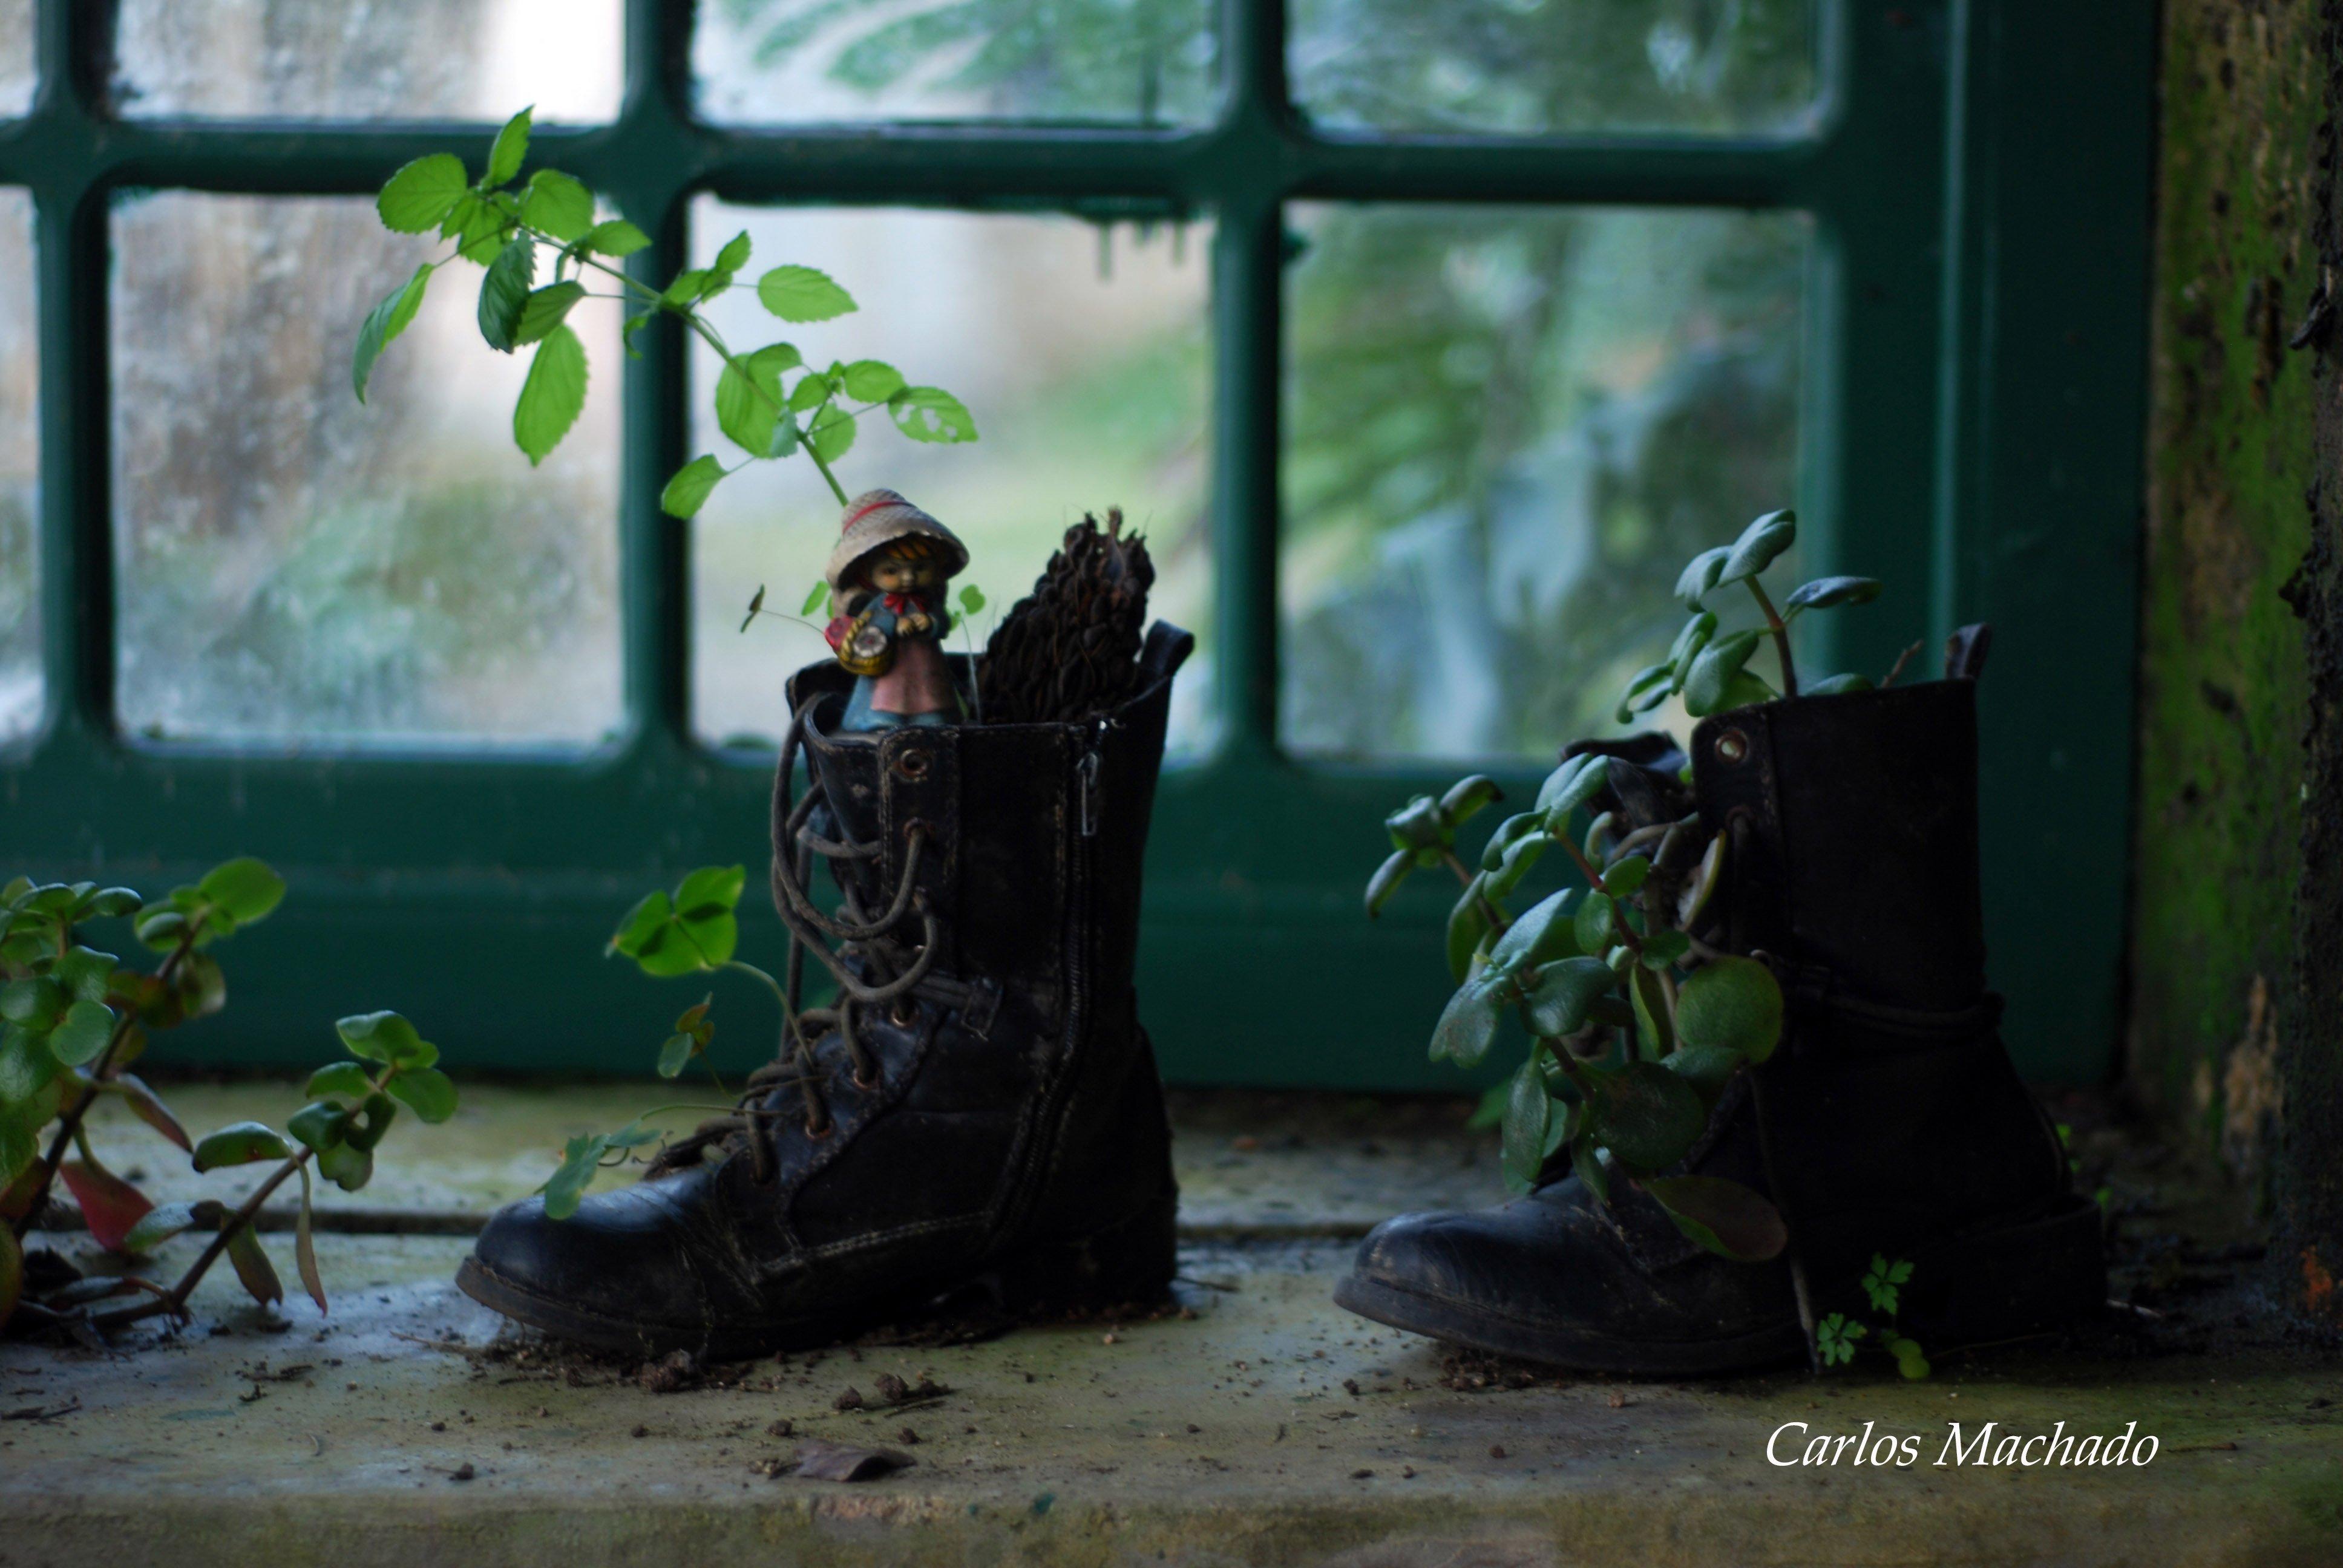 macro, nature, still life, other,, Carlos Machado